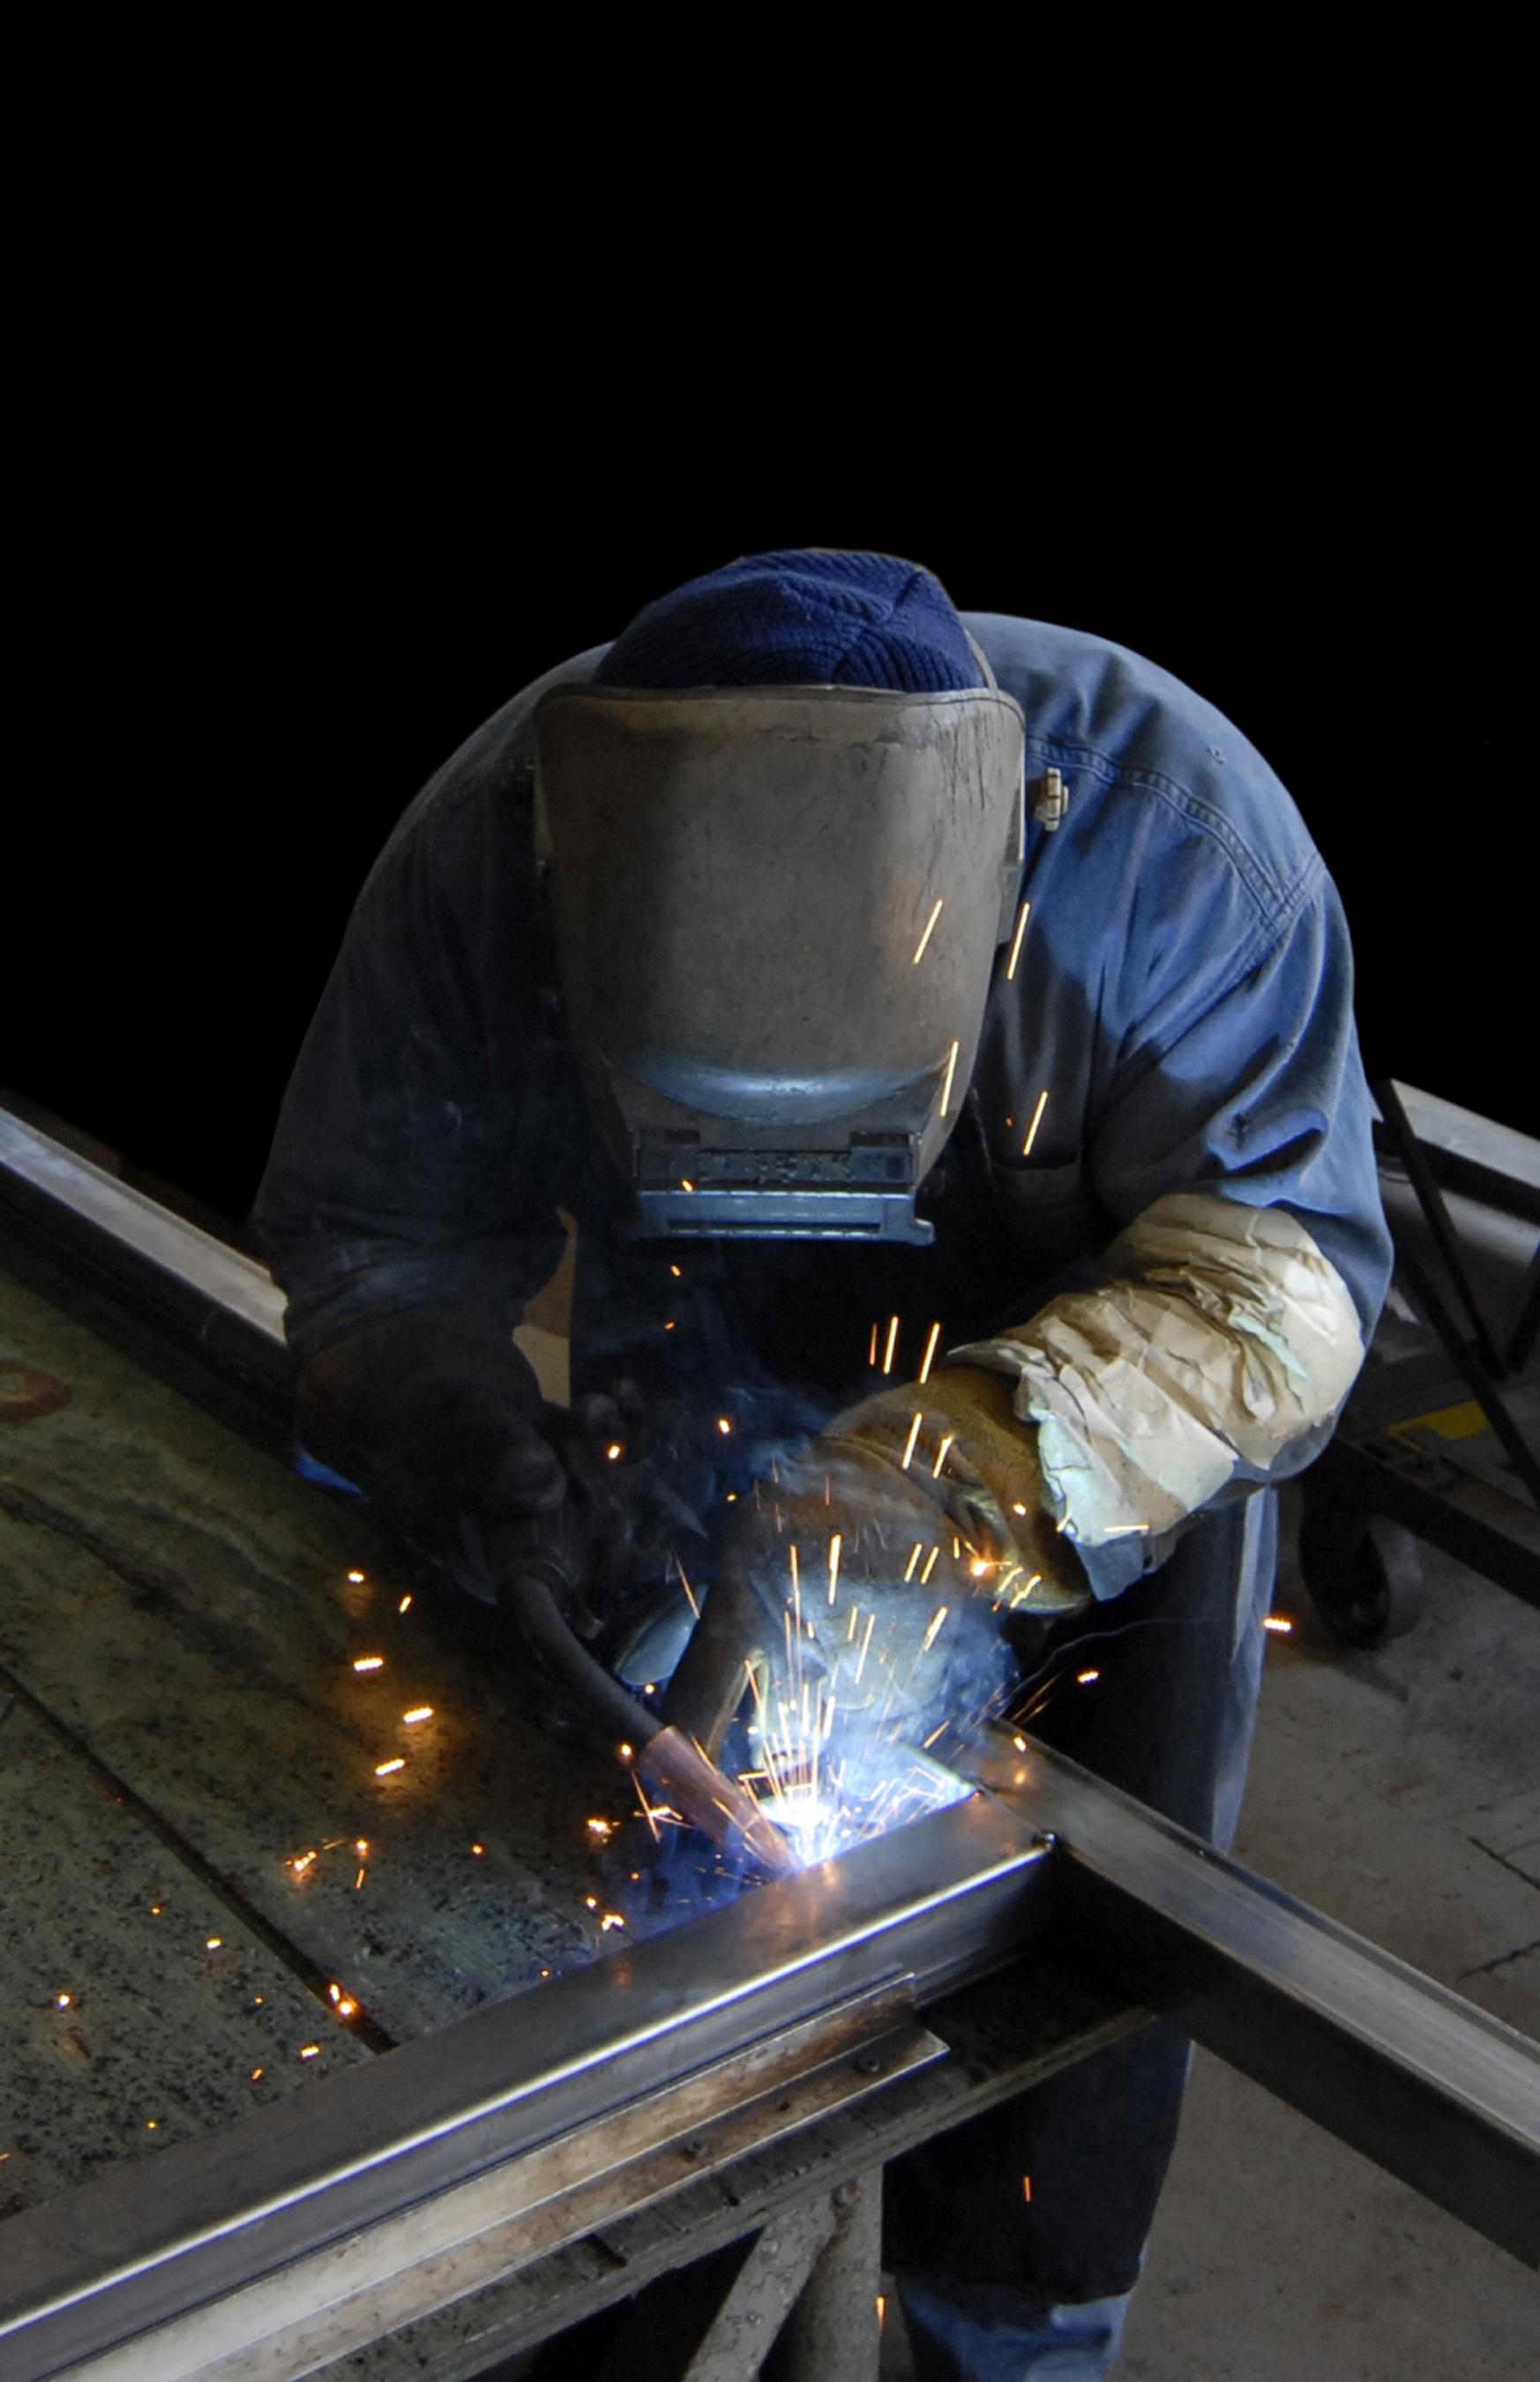 Free Images : work, steel, construction, metal, welding ...